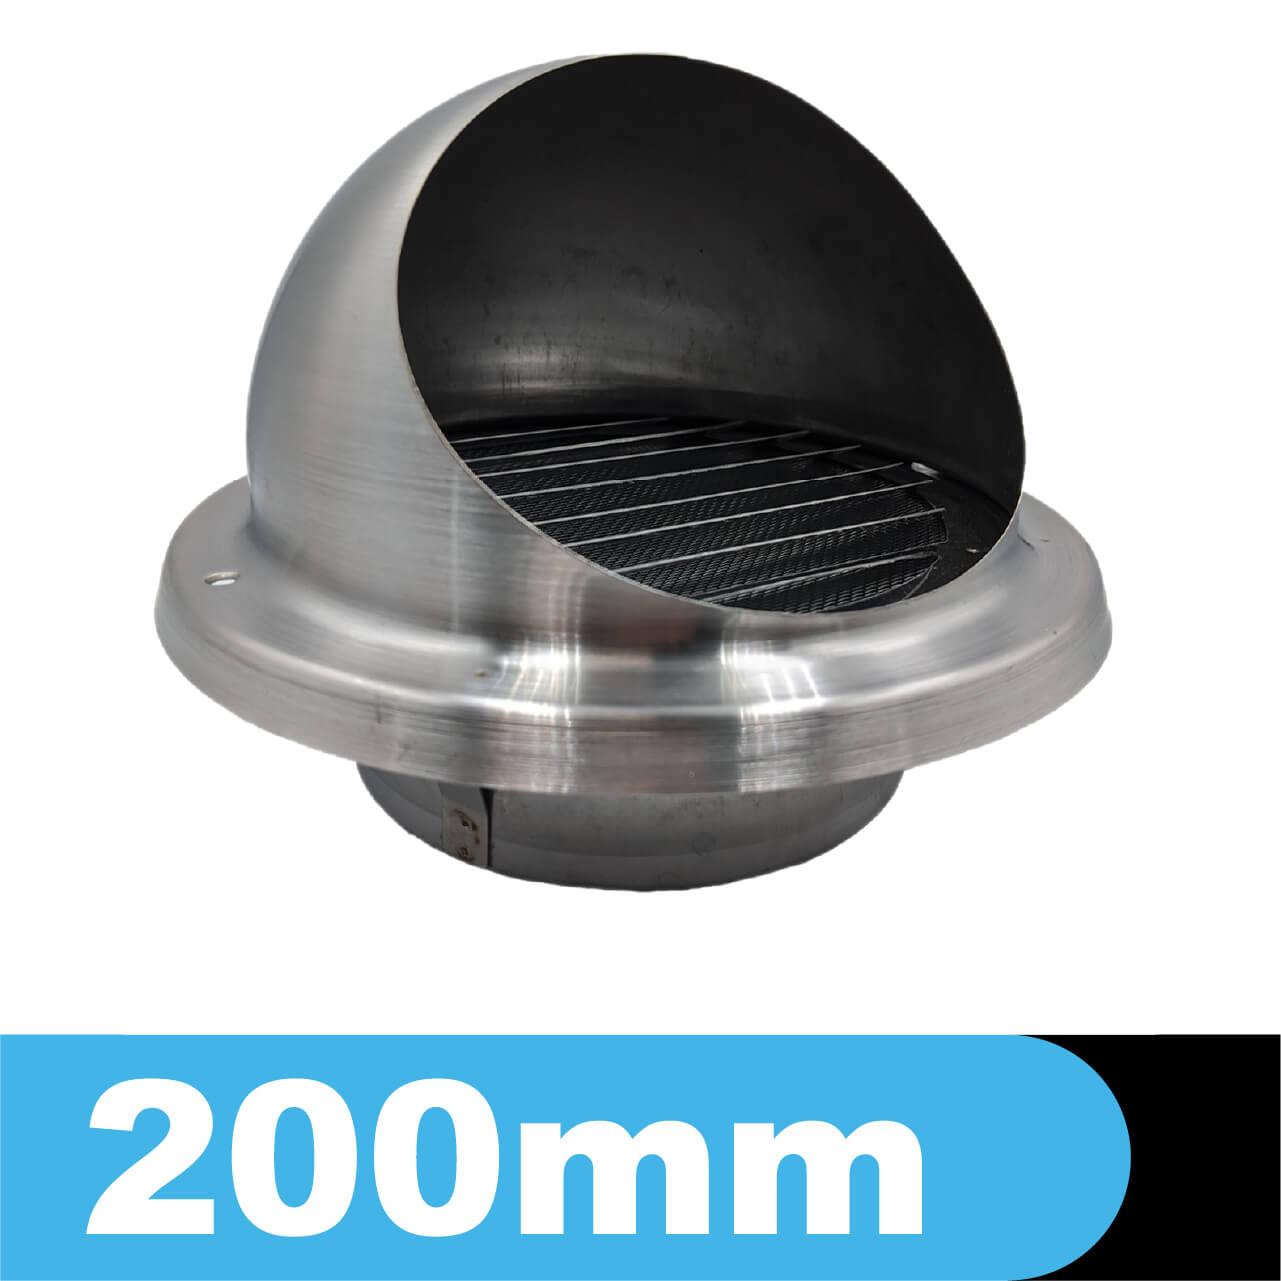 Czerpnia - wyrzutnia ścienna ze stali kwasoodpornej z okapnikiem, średnica fi 200mm